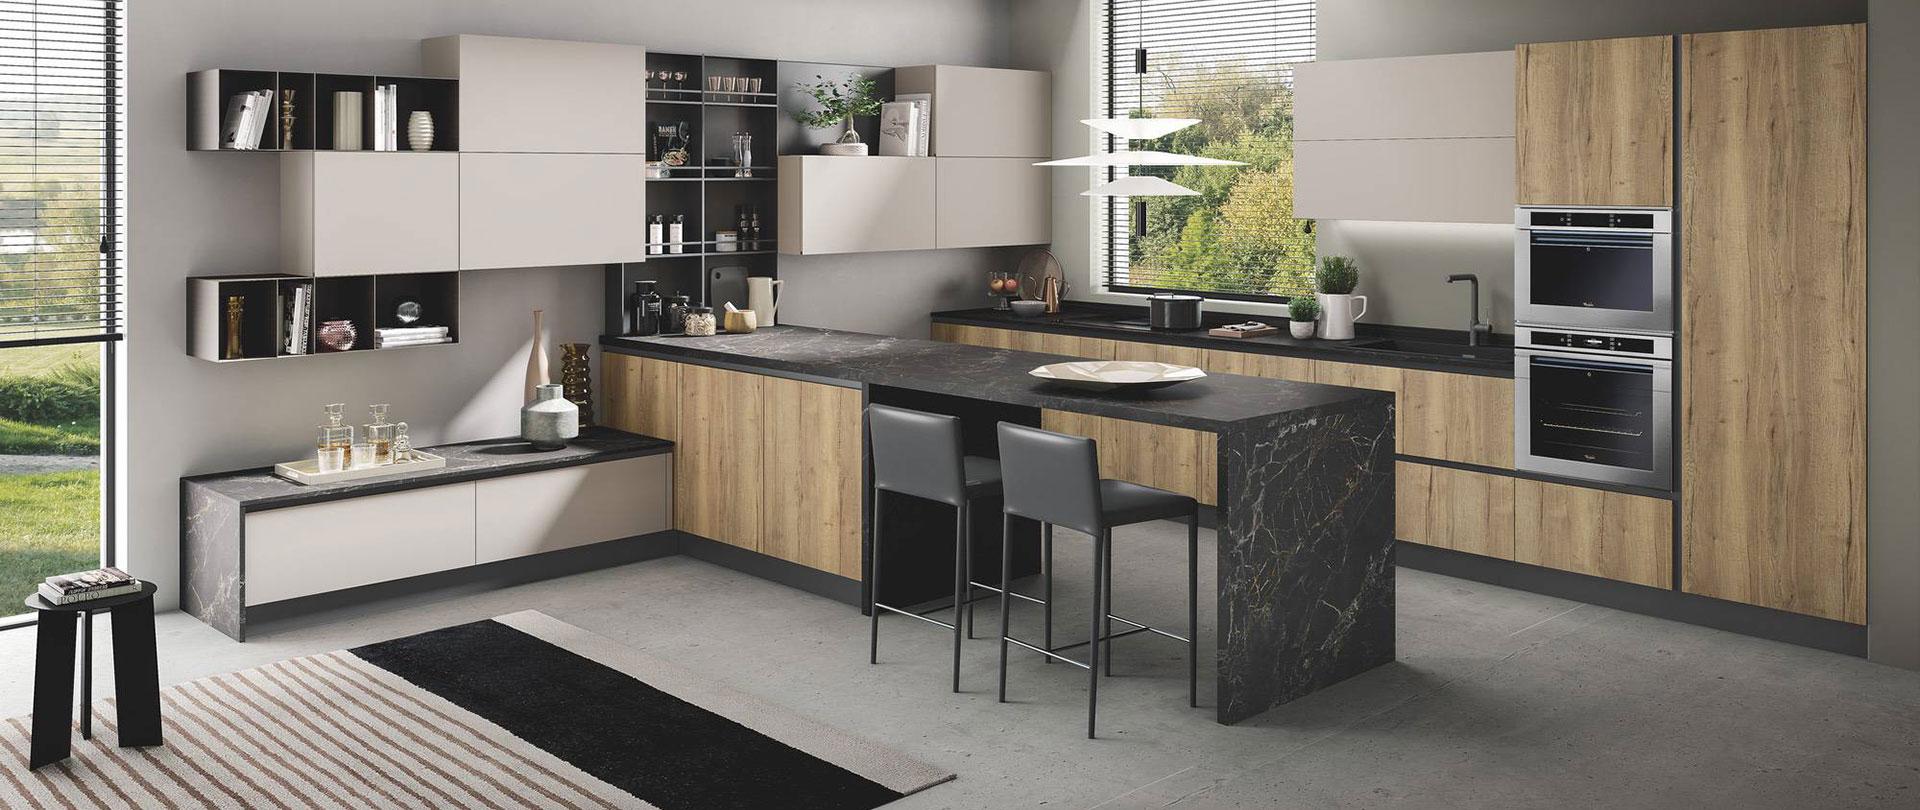 04_cucina_moderna_design_star_corda-opaco_naturale-tavolato